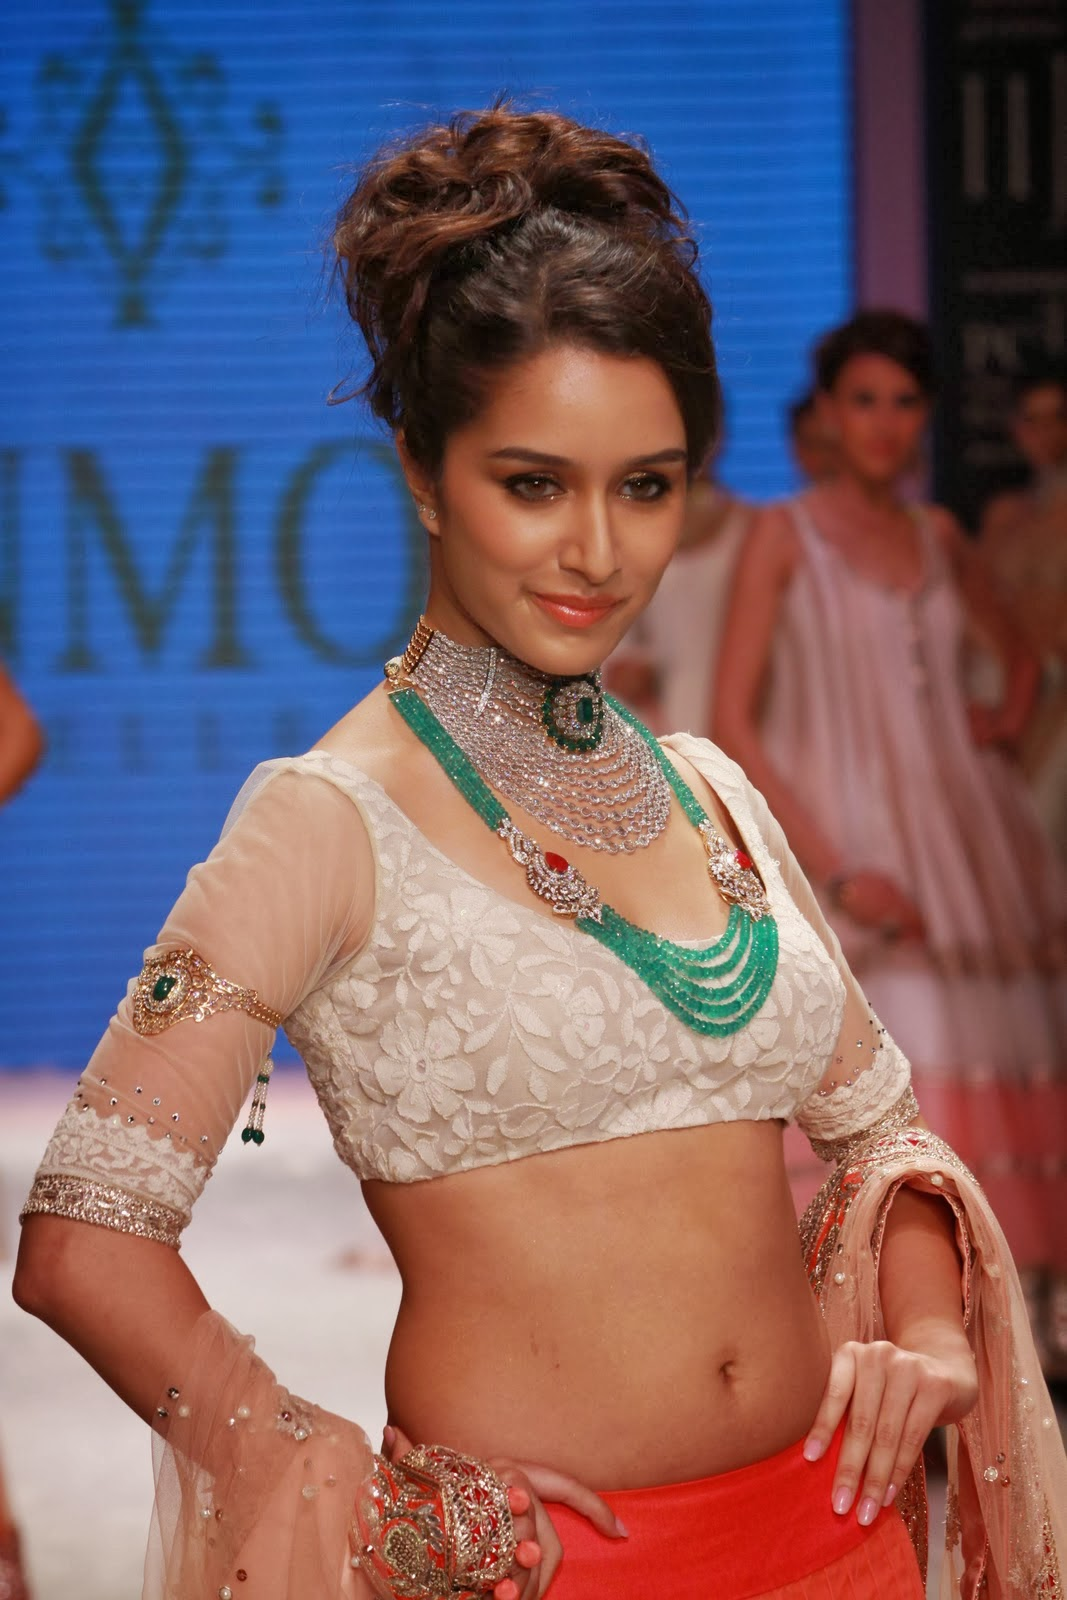 http://4.bp.blogspot.com/-ZzWTt62zROg/Uk7gWwx9i4I/AAAAAAAAANw/Q1LYaPBtBqY/s1600/Shraddha+Kapoor+(5).jpg